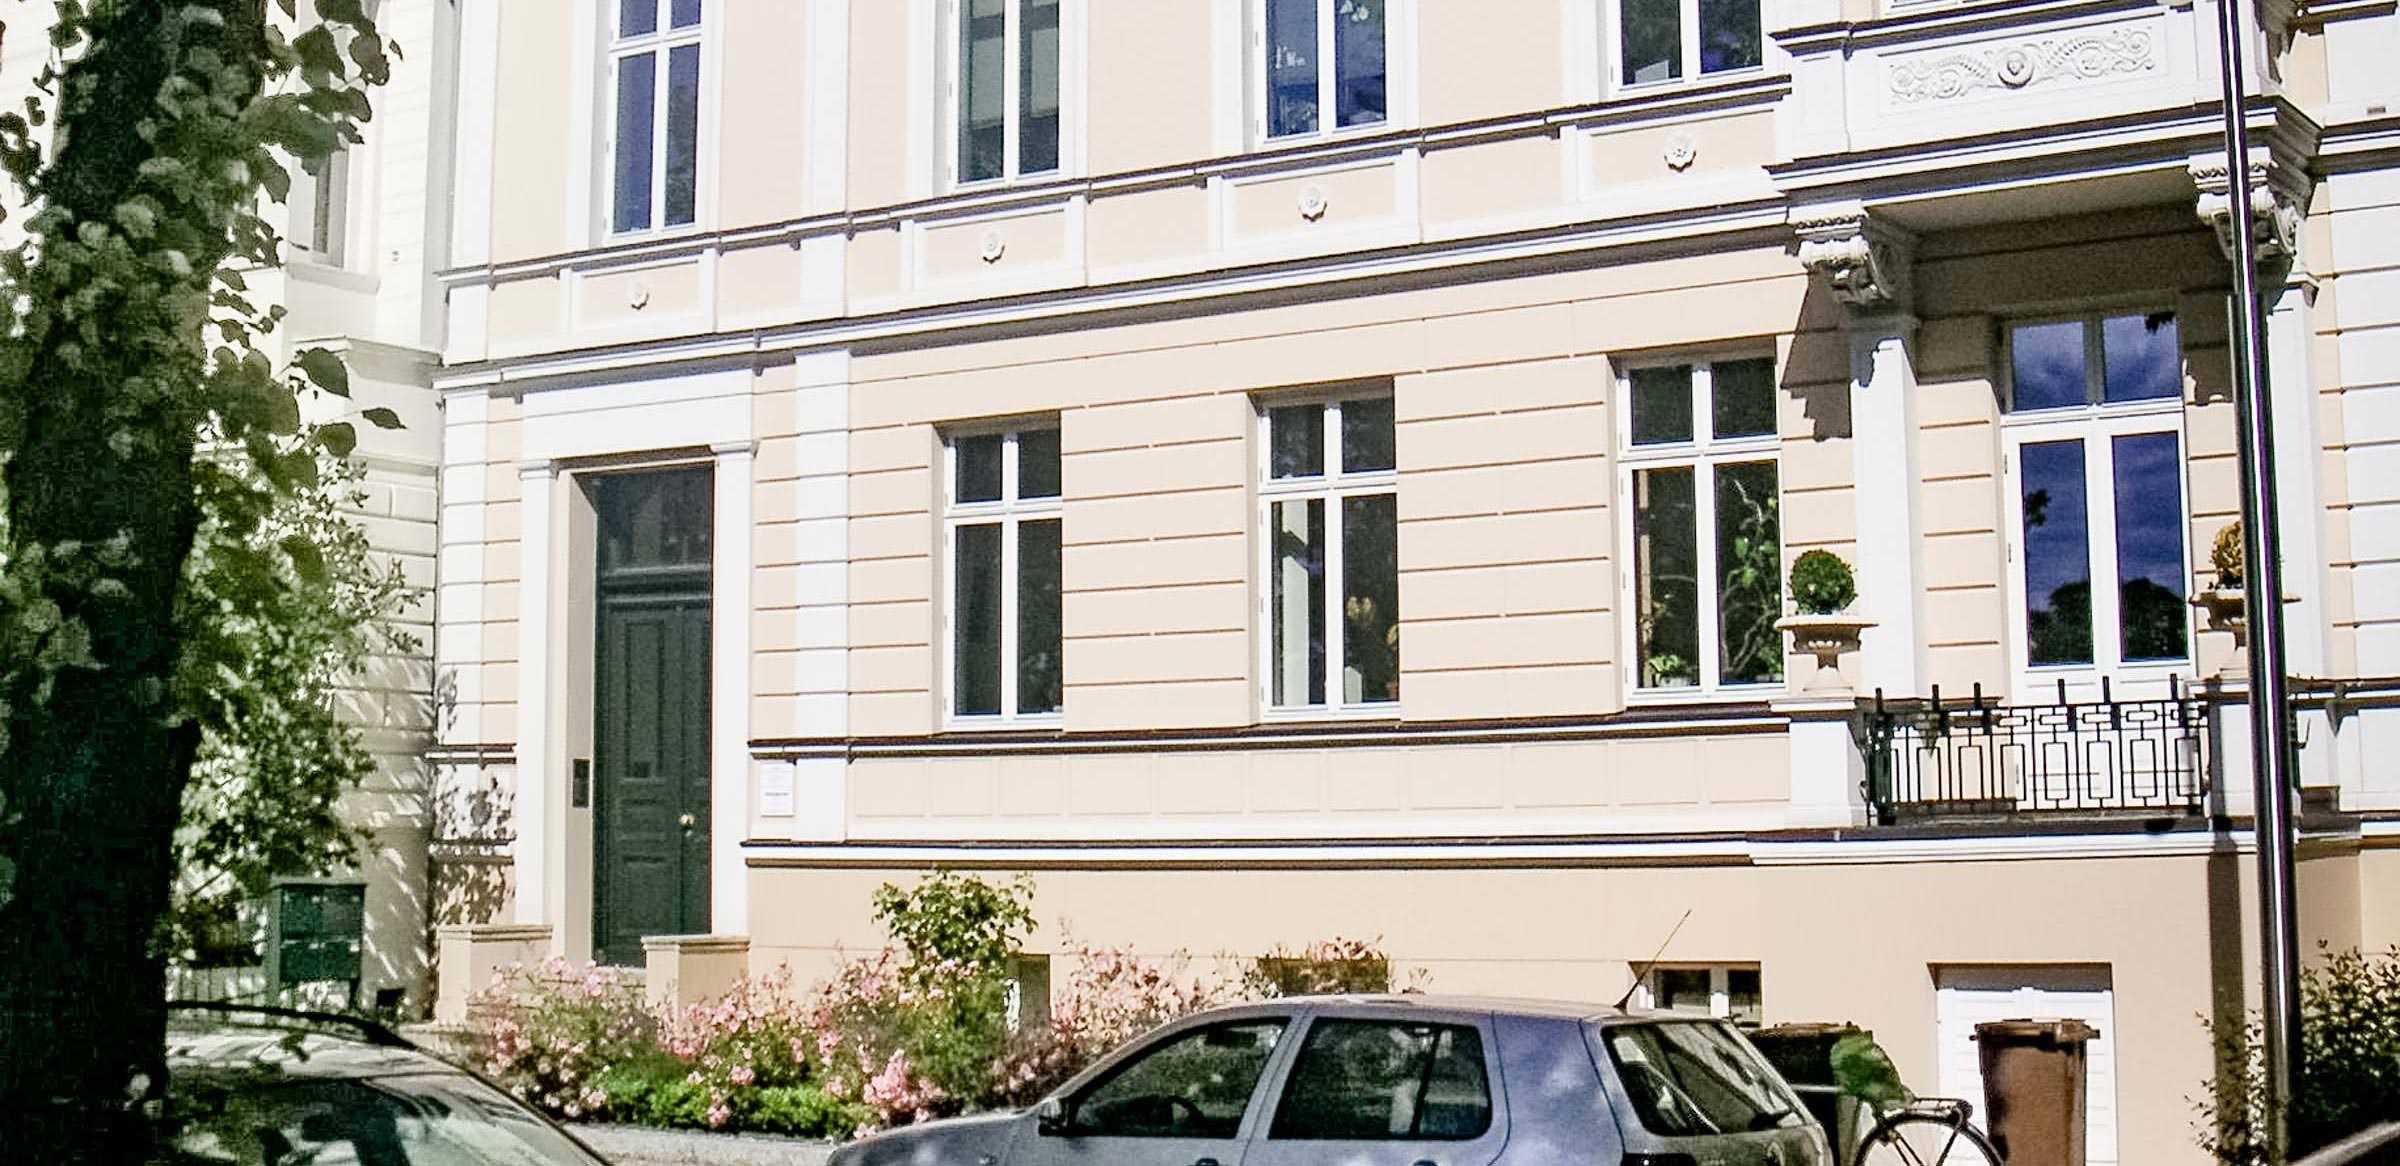 Unser Büro befindet sich in der August-Bebel-Str. 14 in Schwerin